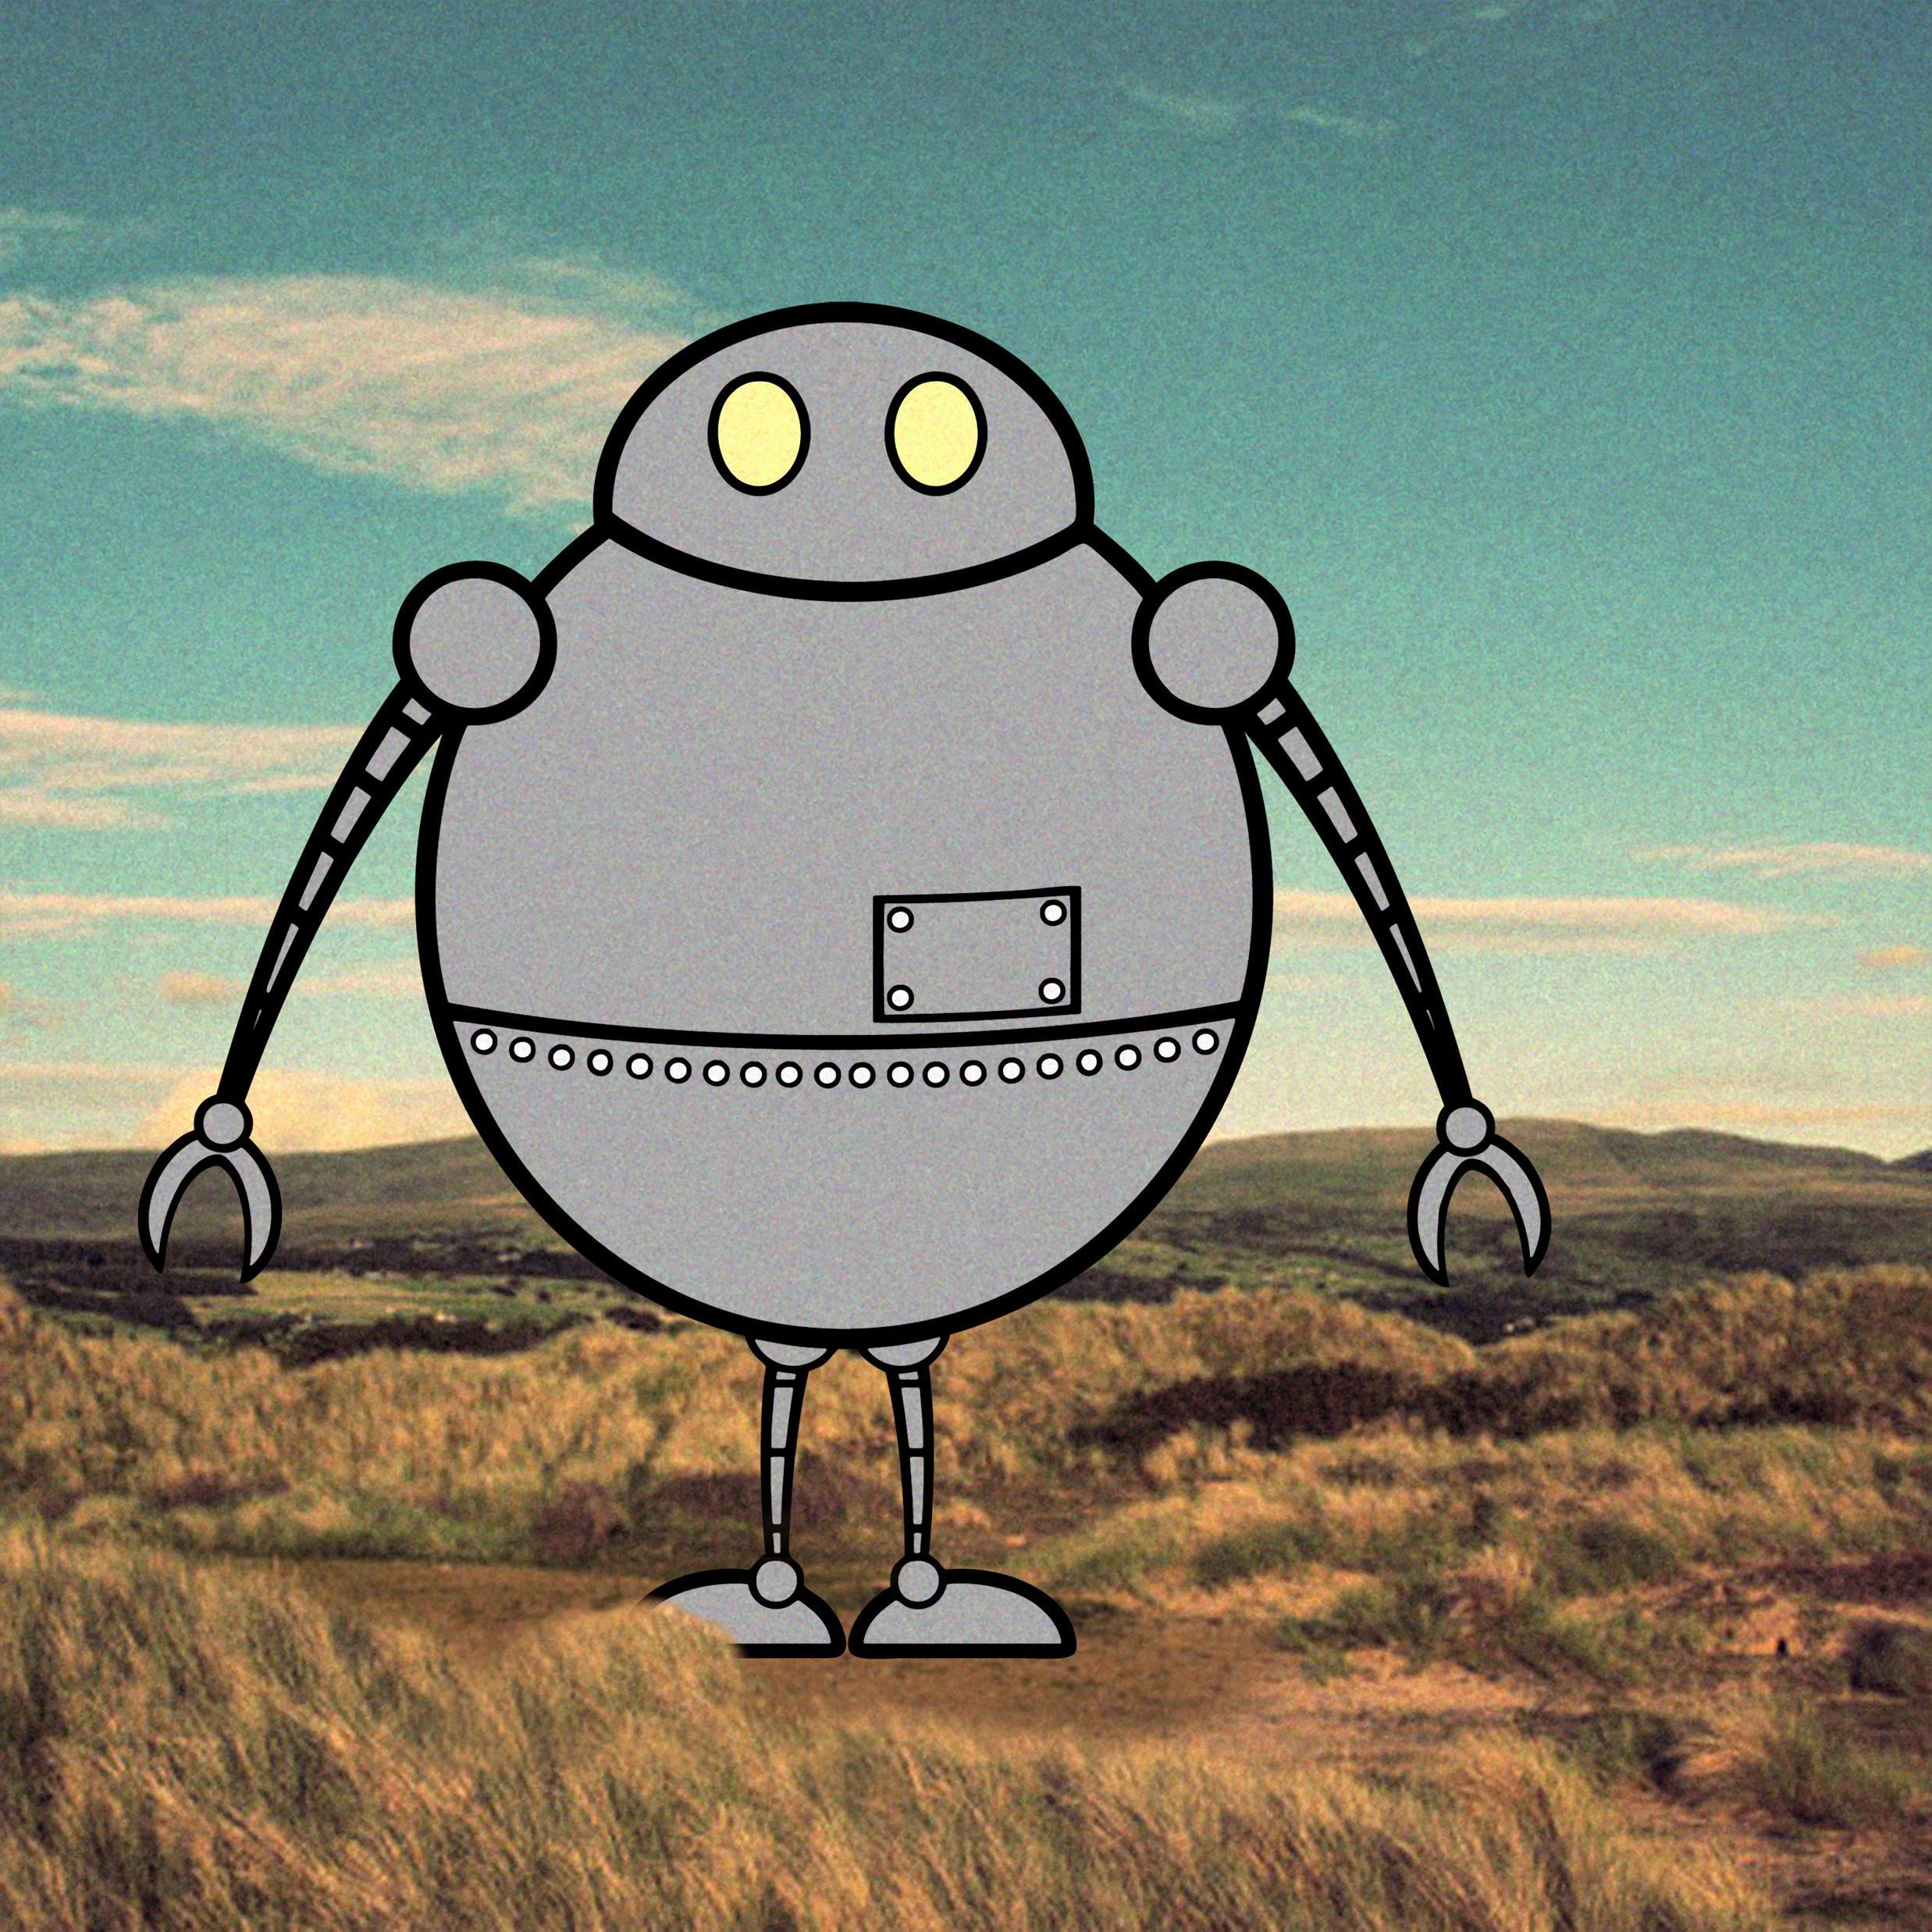 robot_8x8.jpg